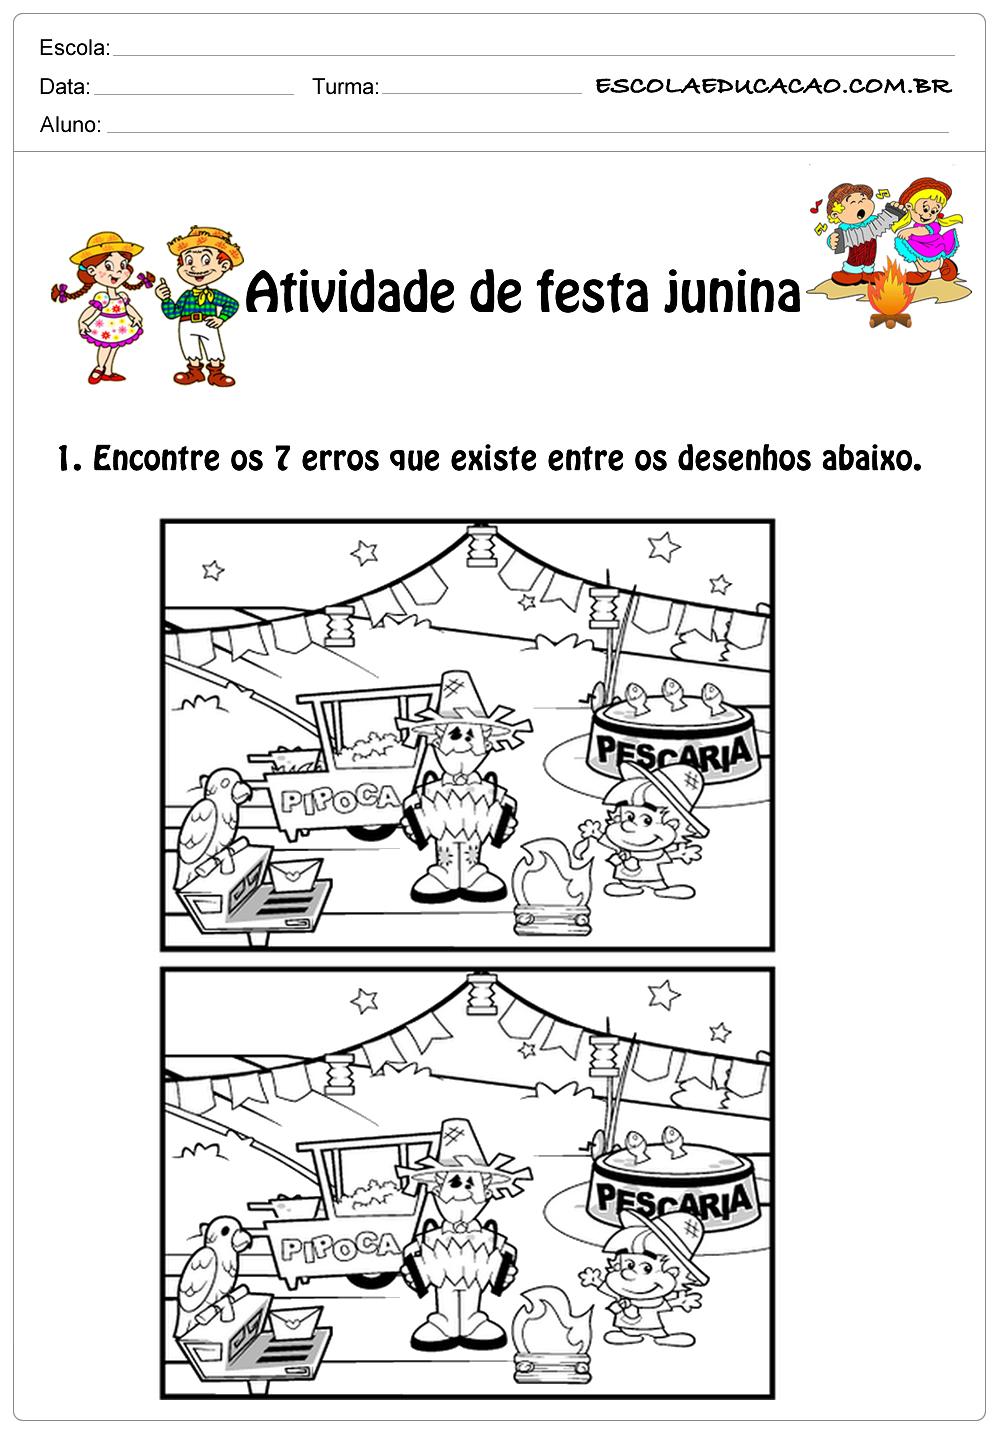 Atividade de festa junina 1°ano jogo dos 7 erros